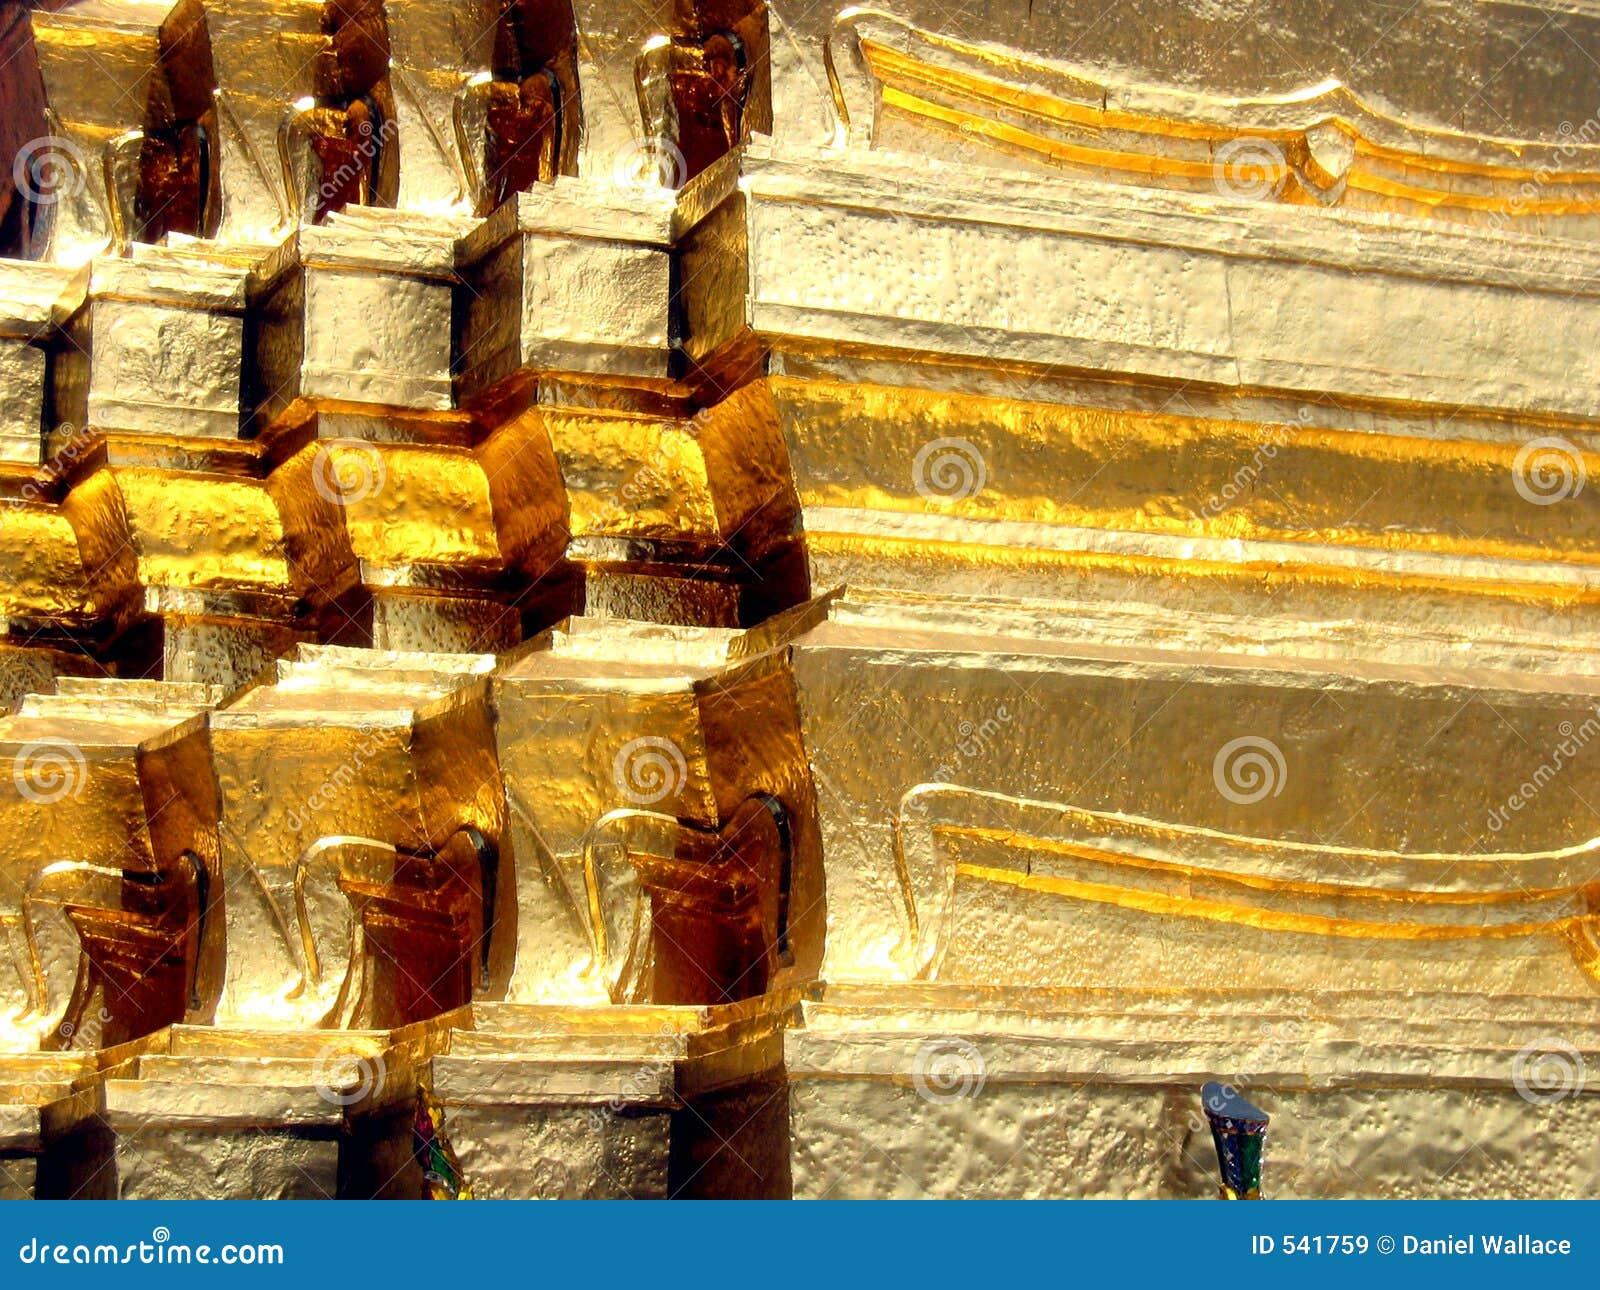 Download 金黄寺庙 库存图片. 图片 包括有 轰隆的, 寺庙, 详细资料, 旅游业, 宫殿, 金子, 晴朗, 天空, 金属 - 541759